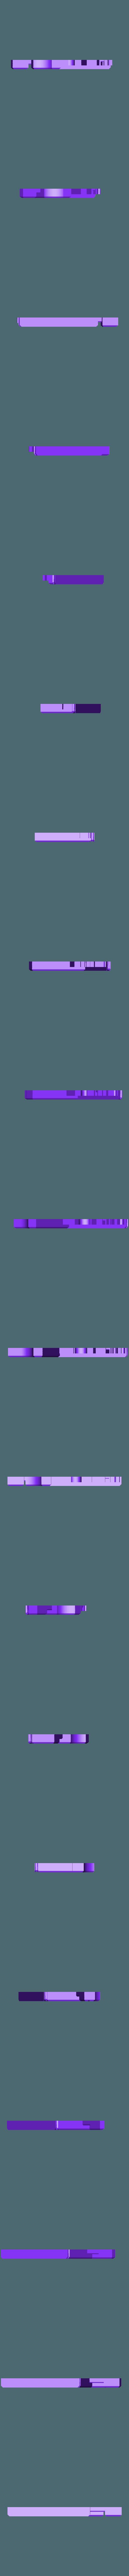 -1_to_hit.stl Télécharger fichier STL gratuit -1 Pour atteindre le marqueur - Fort • Objet à imprimer en 3D, aLazyCamper